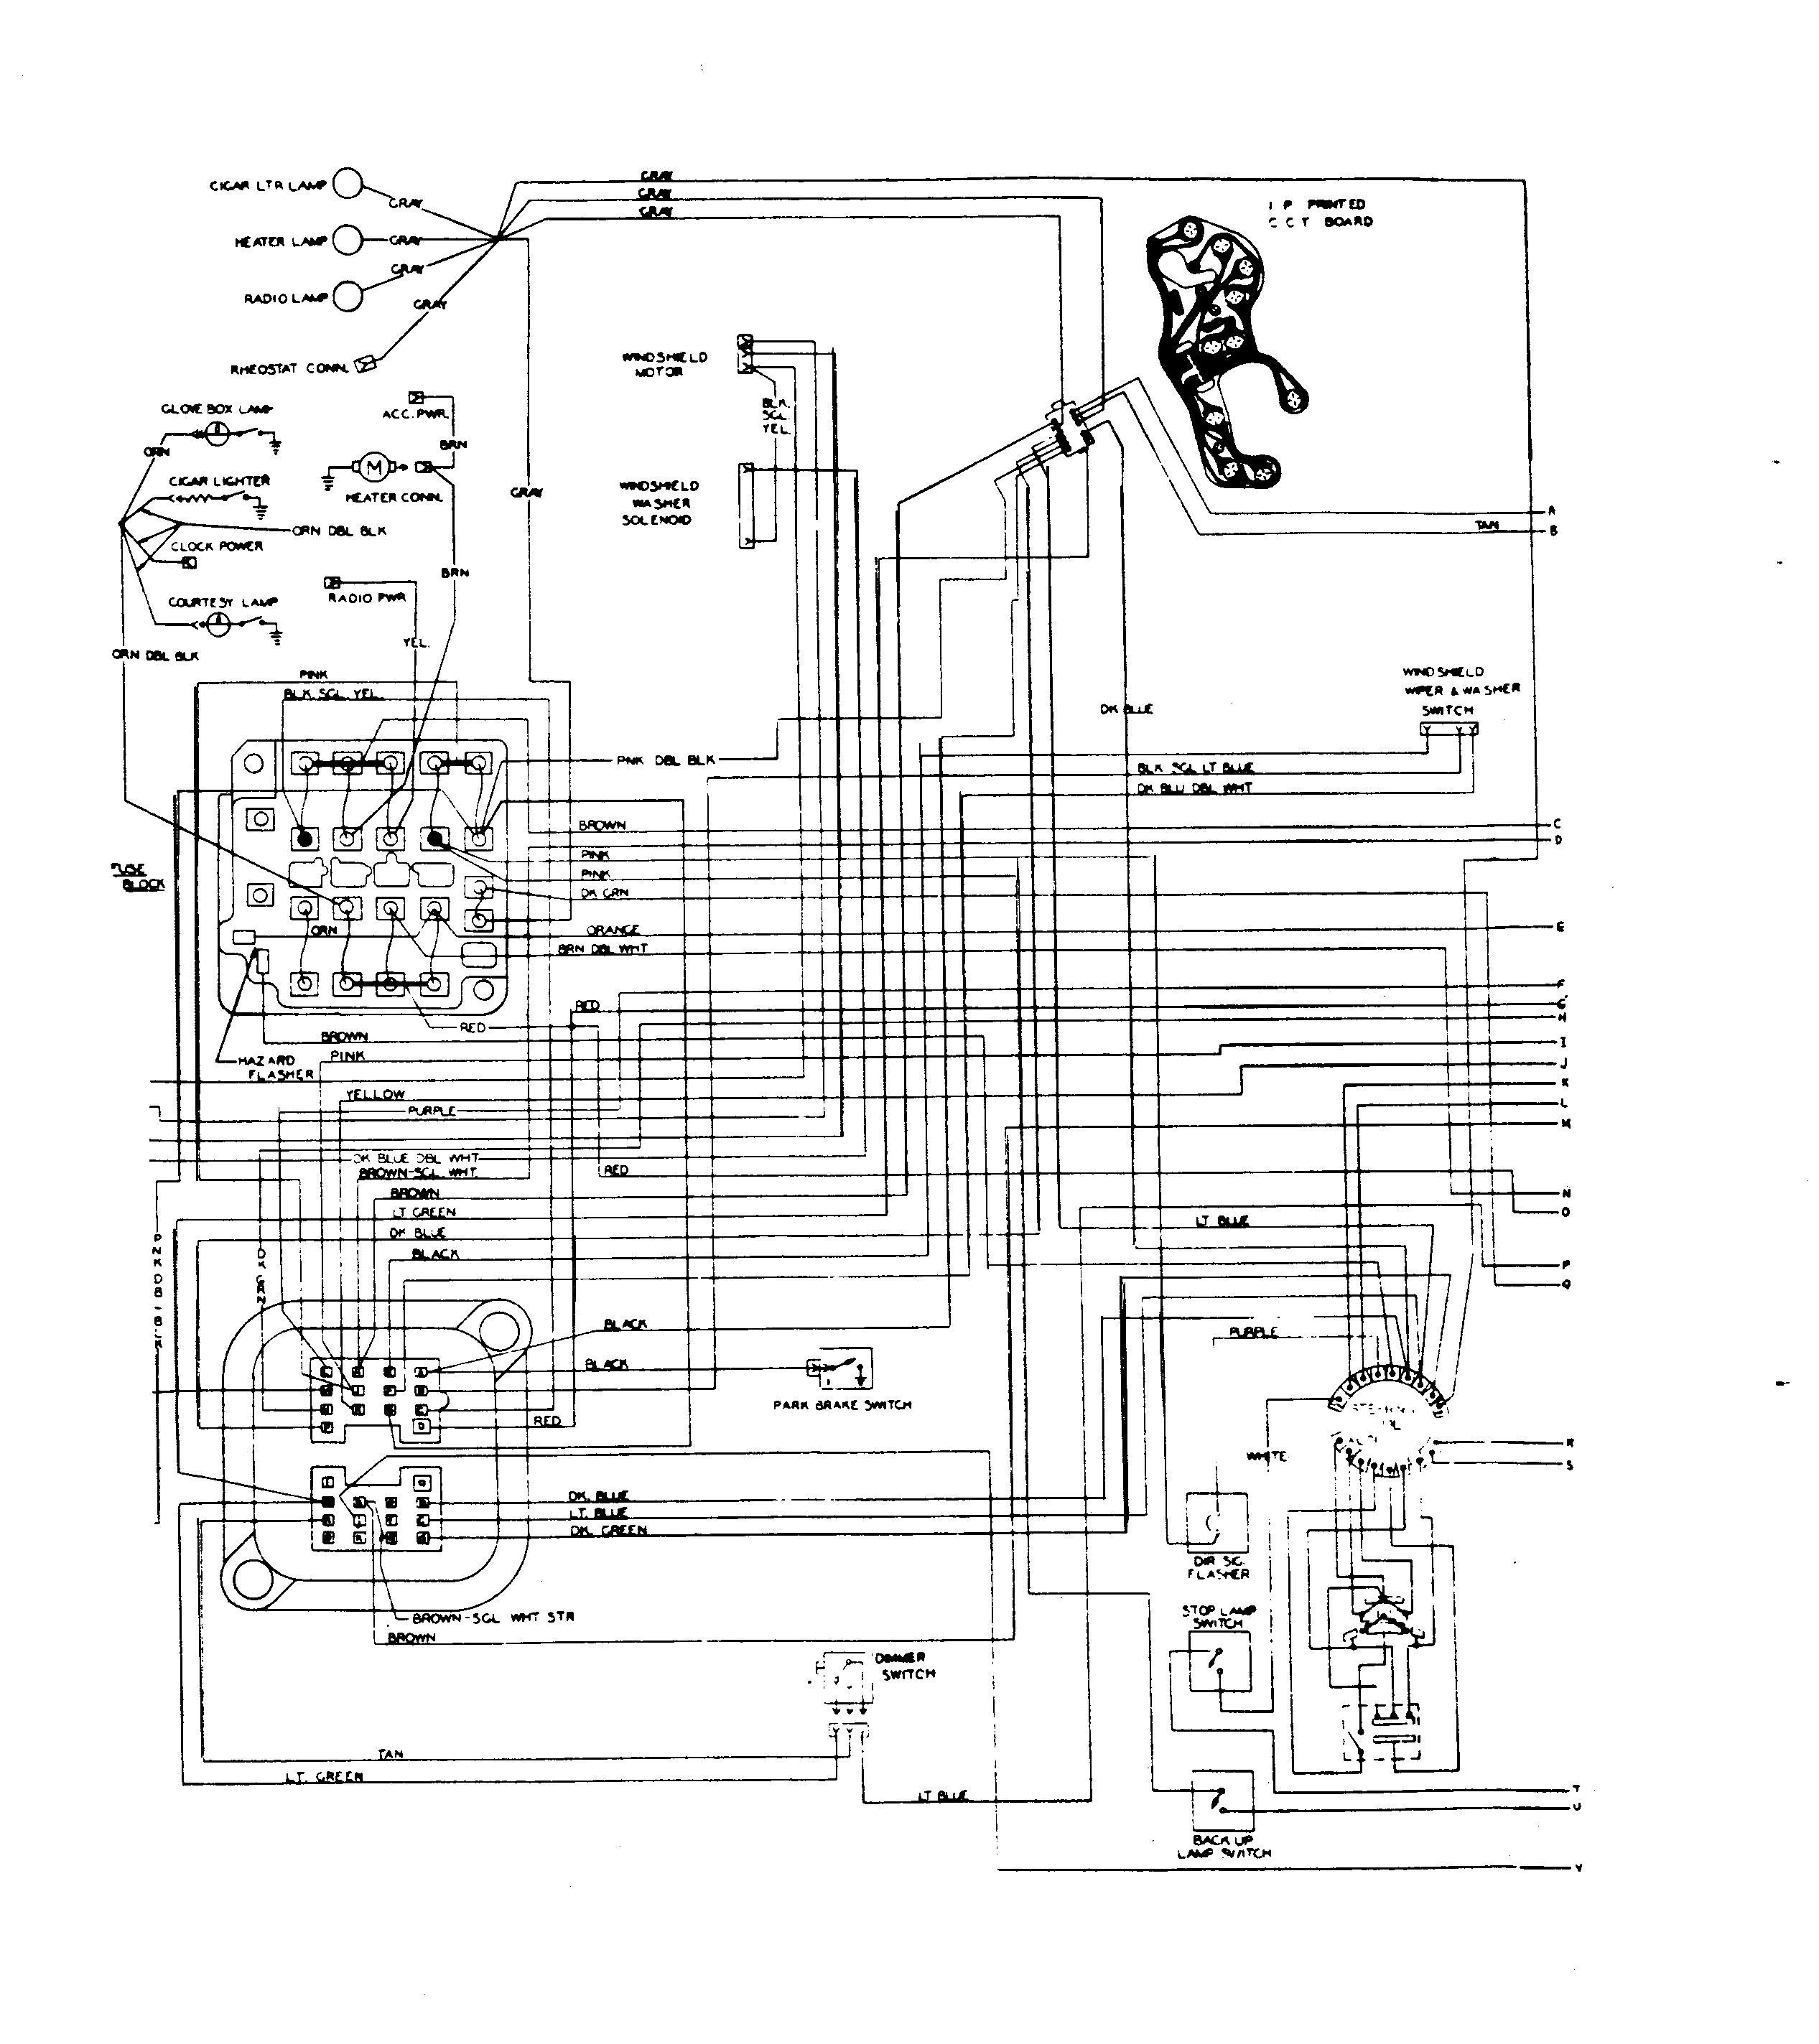 firebird headlight wiring diagram solidfonts 1967 firebird headlight wiring diagram solidfonts